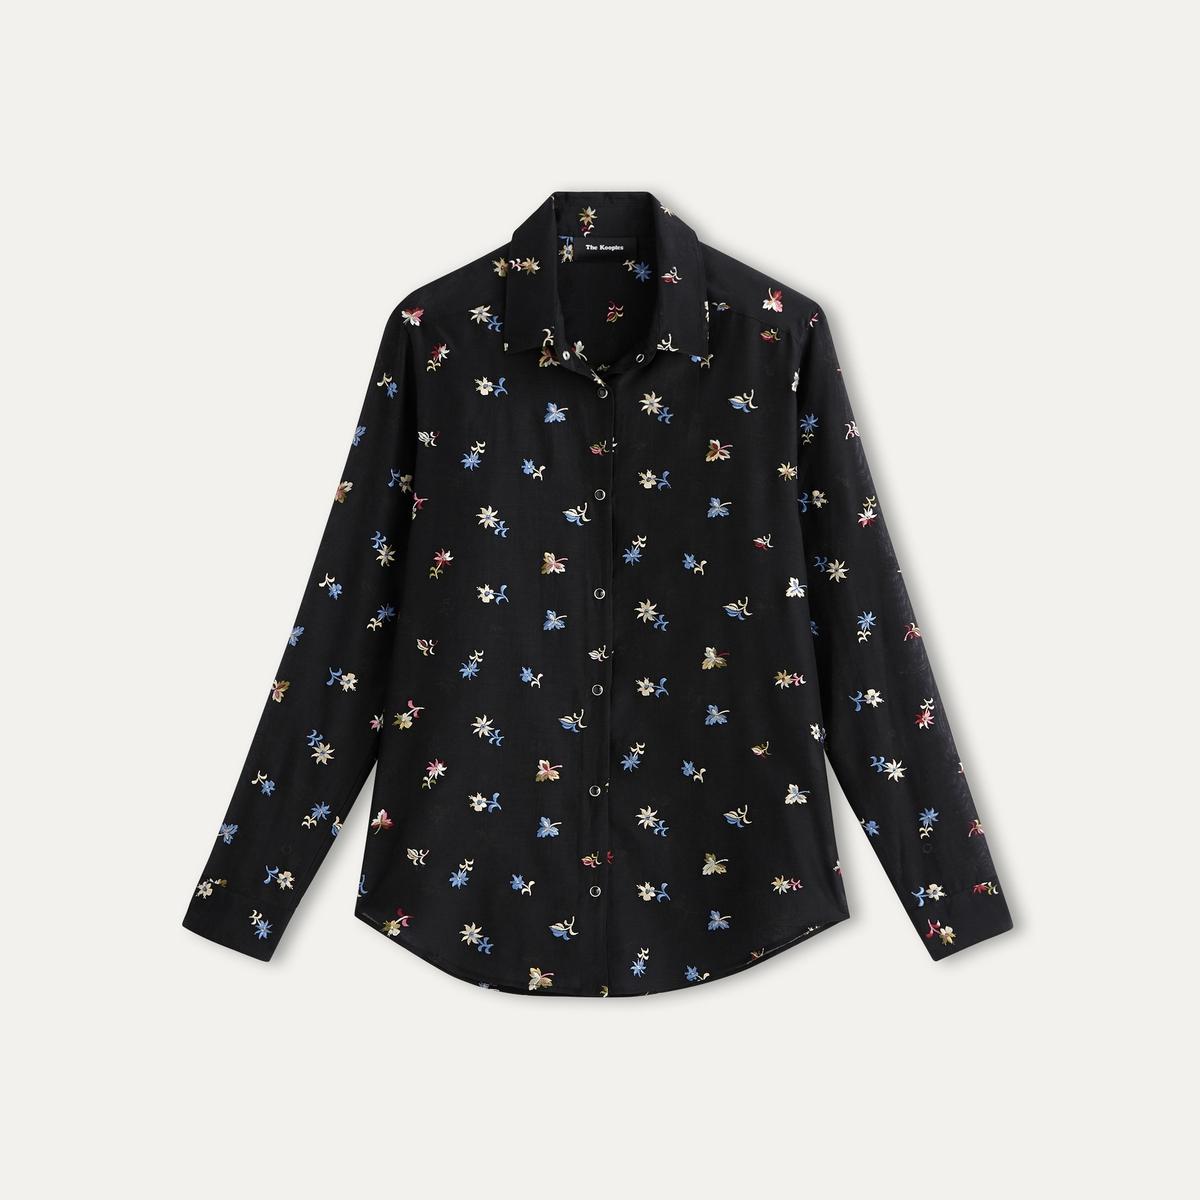 Рубашка с вышивкойРубашка THE KOOPLES - из смеси хлопка и шелка с цветочной вышивкой и бисером . Рубашечный воротник со свободными уголками    . Застежка на кнопки. Длинные рукава с застёжкой на пуговицу. Вставка и вырез на плечах . Состав и описание    Материал : 70% хлопка, 30% шелка   Марка : THE KOOPLES<br><br>Цвет: черный